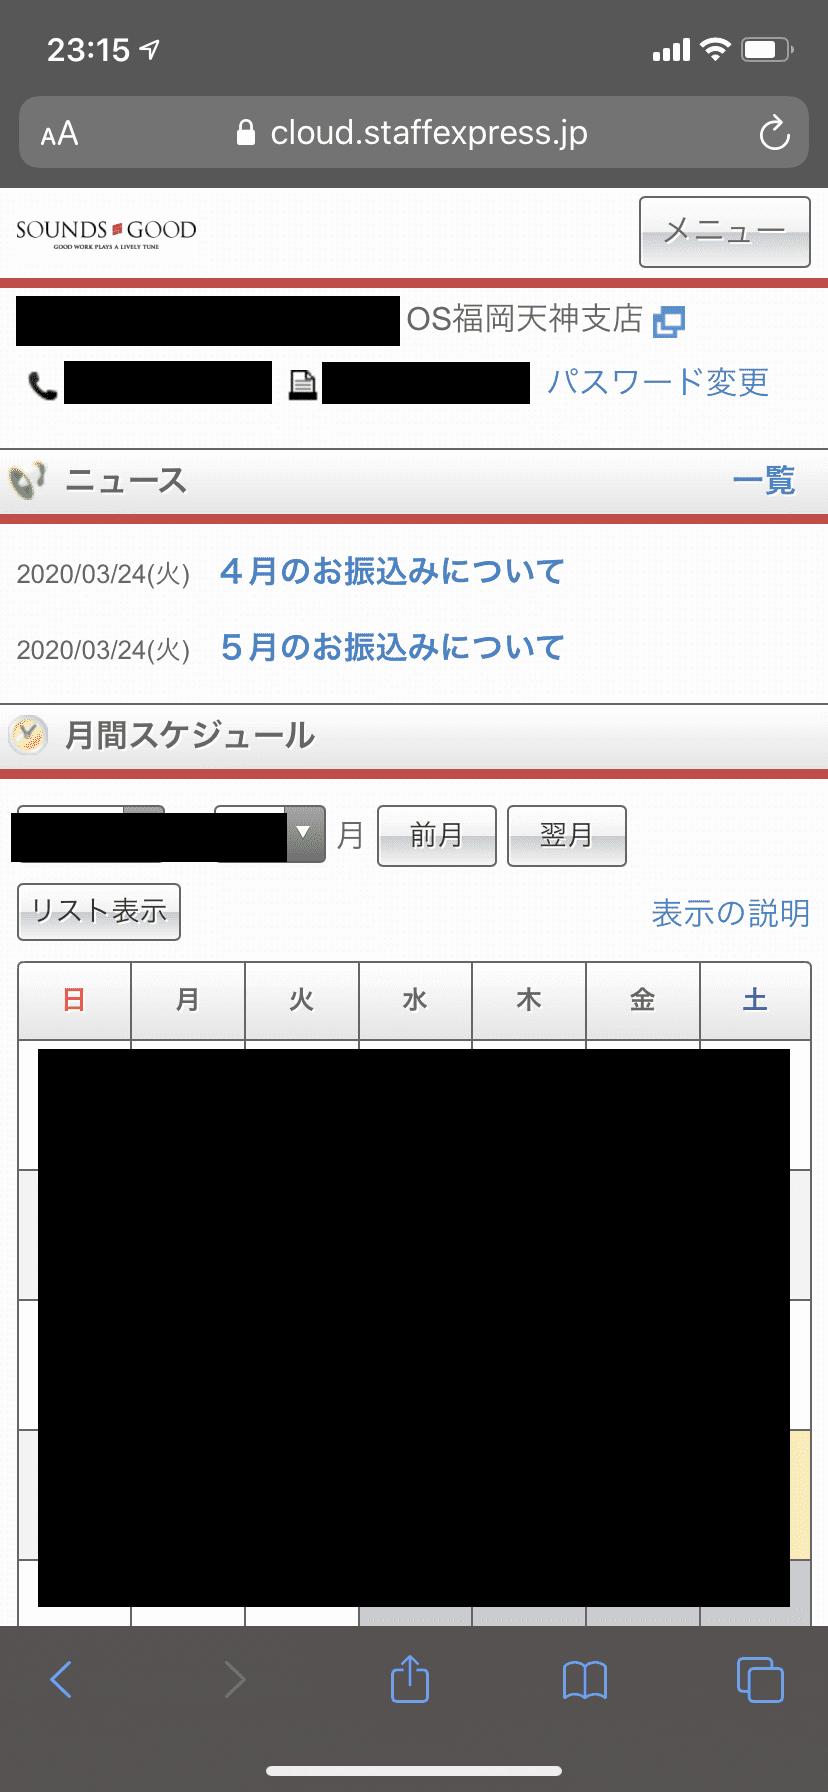 サウンズグッド OS福岡天神支店